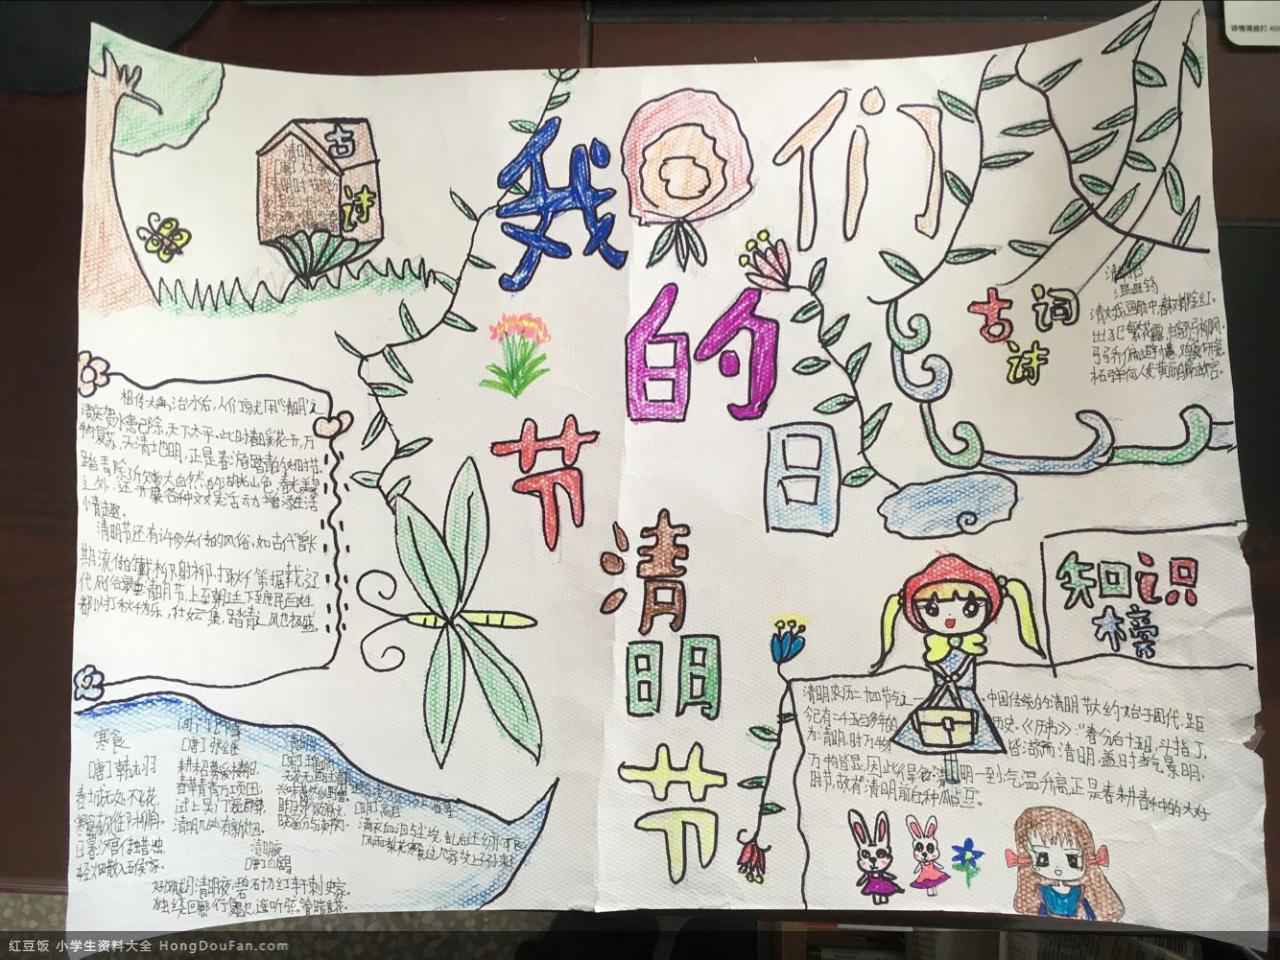 表情 清明节传说以及古诗词一年级绘画手抄报 红豆饭小学生资料大全 表情